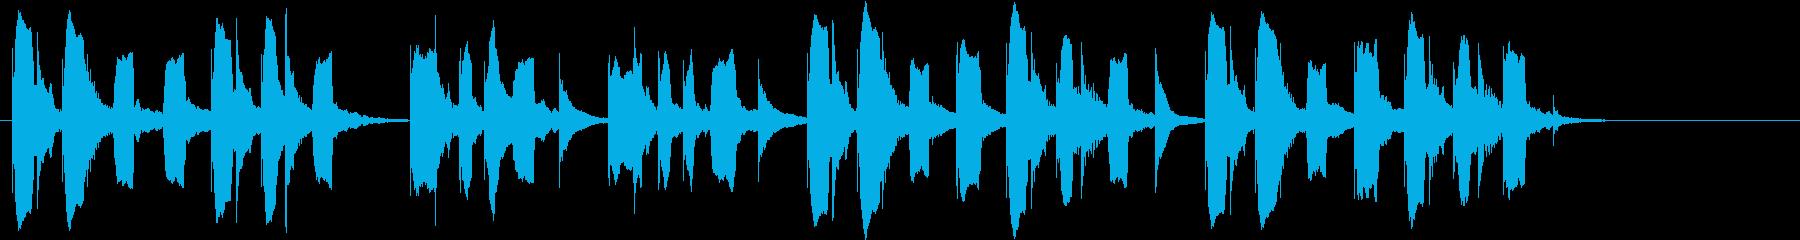 りこーダーがメインのほのぼのしたジングルの再生済みの波形